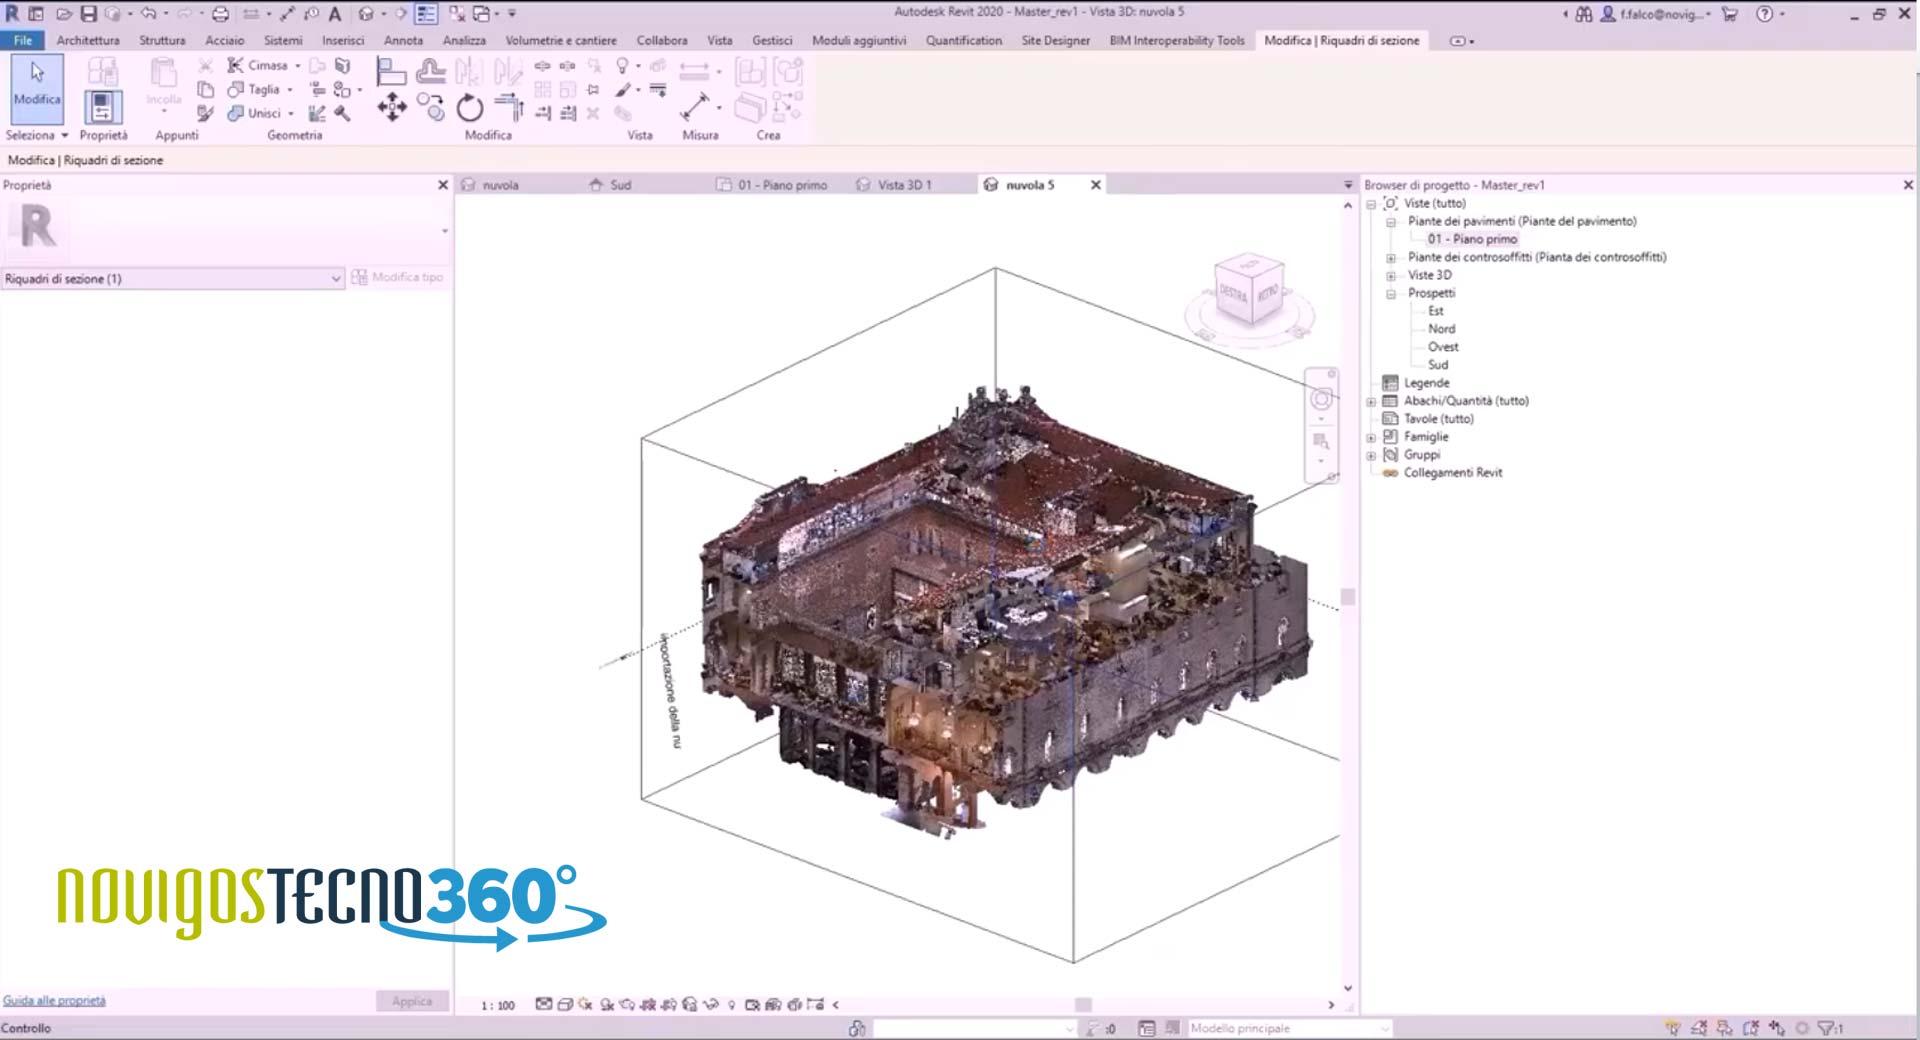 Esecuzione di rilievo con laser scanner per la modellazione As-Built di un edificio parte del patrimonio storico esistente